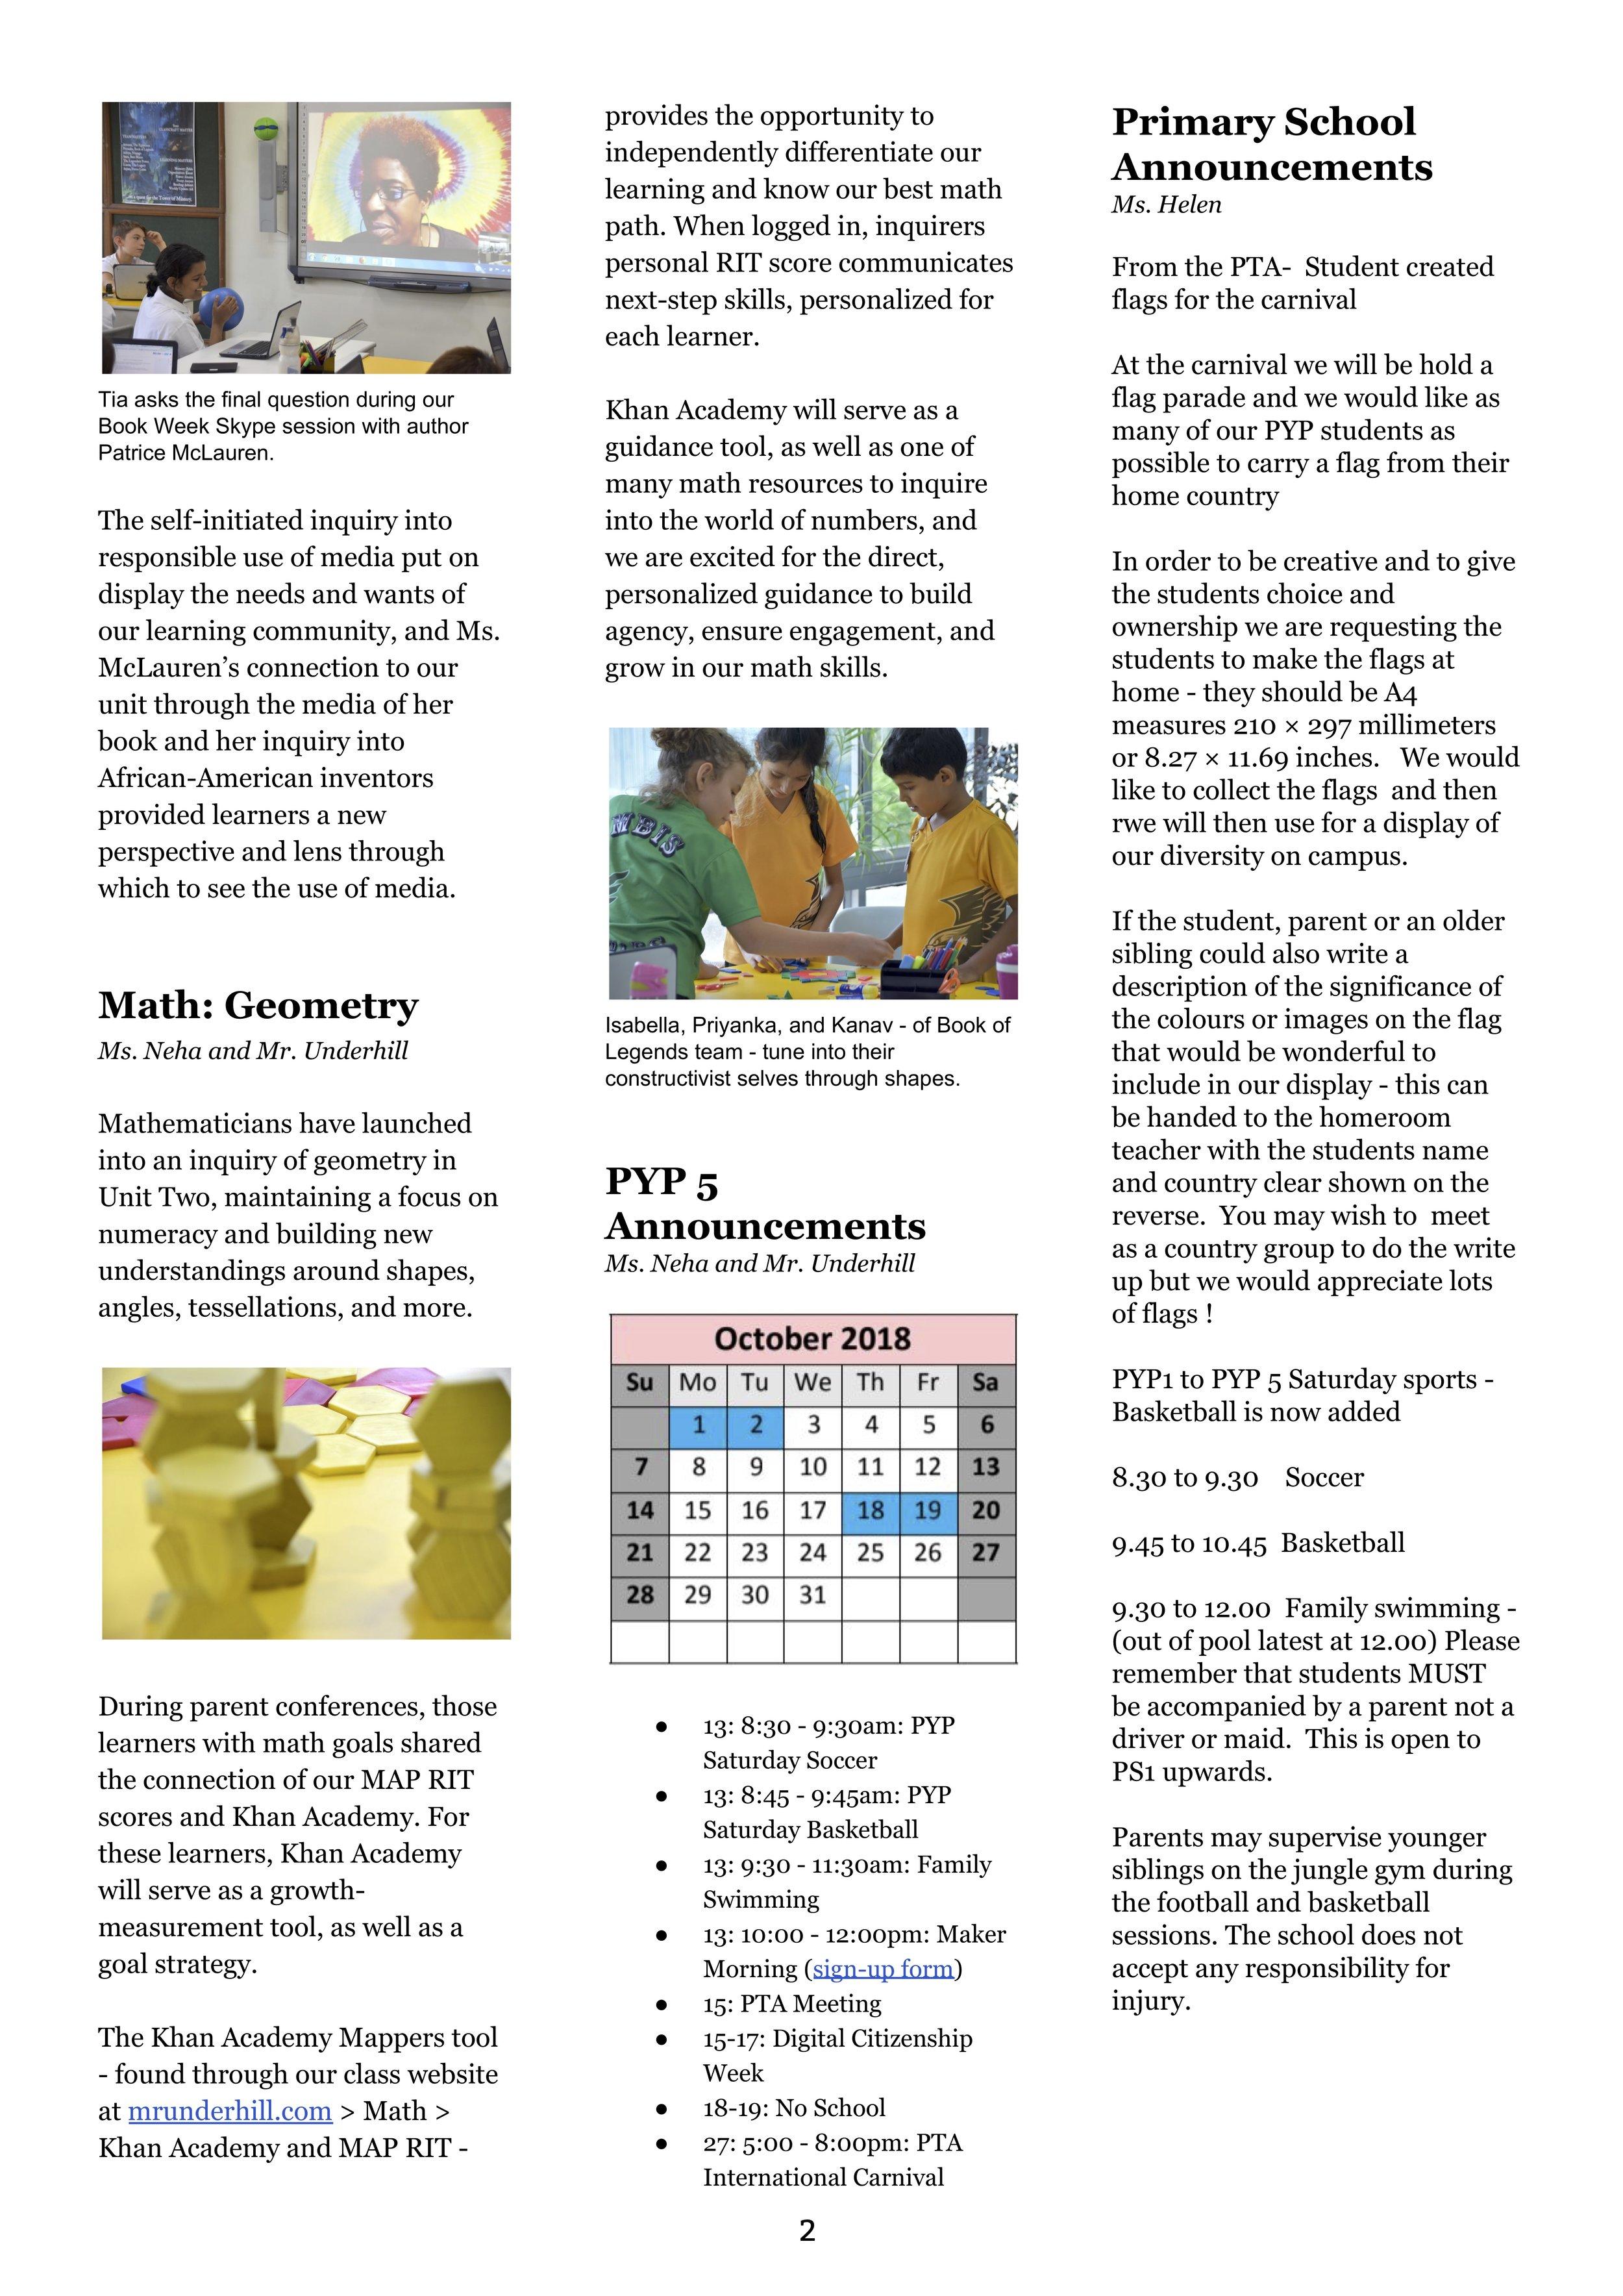 181012 PYP 5 Weekly Update p2.jpg